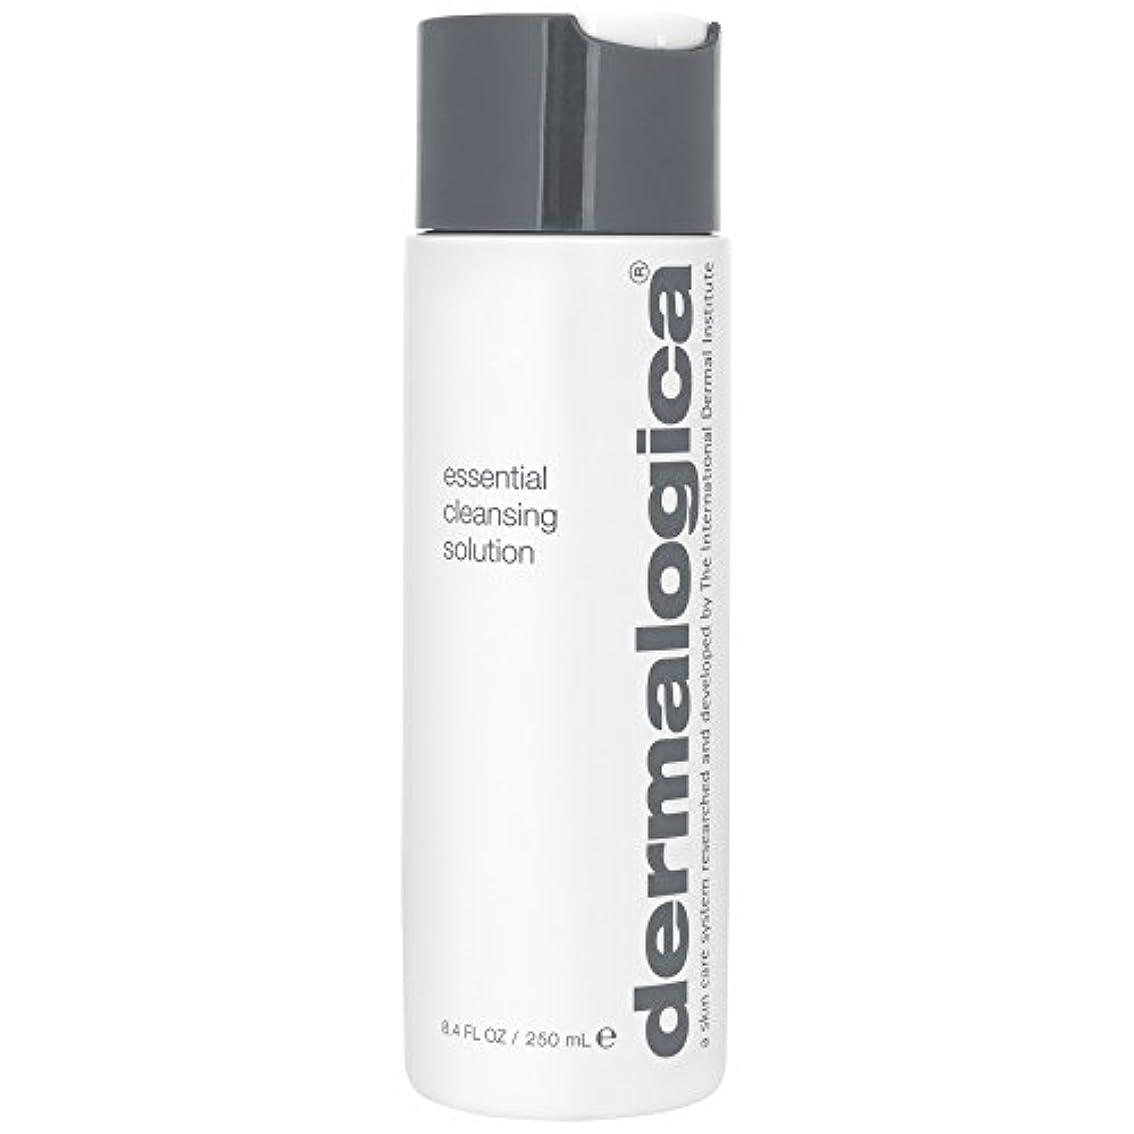 ダーマロジカ不可欠な洗浄液の250ミリリットル (Dermalogica) - Dermalogica Essential Cleansing Solution 250ml [並行輸入品]